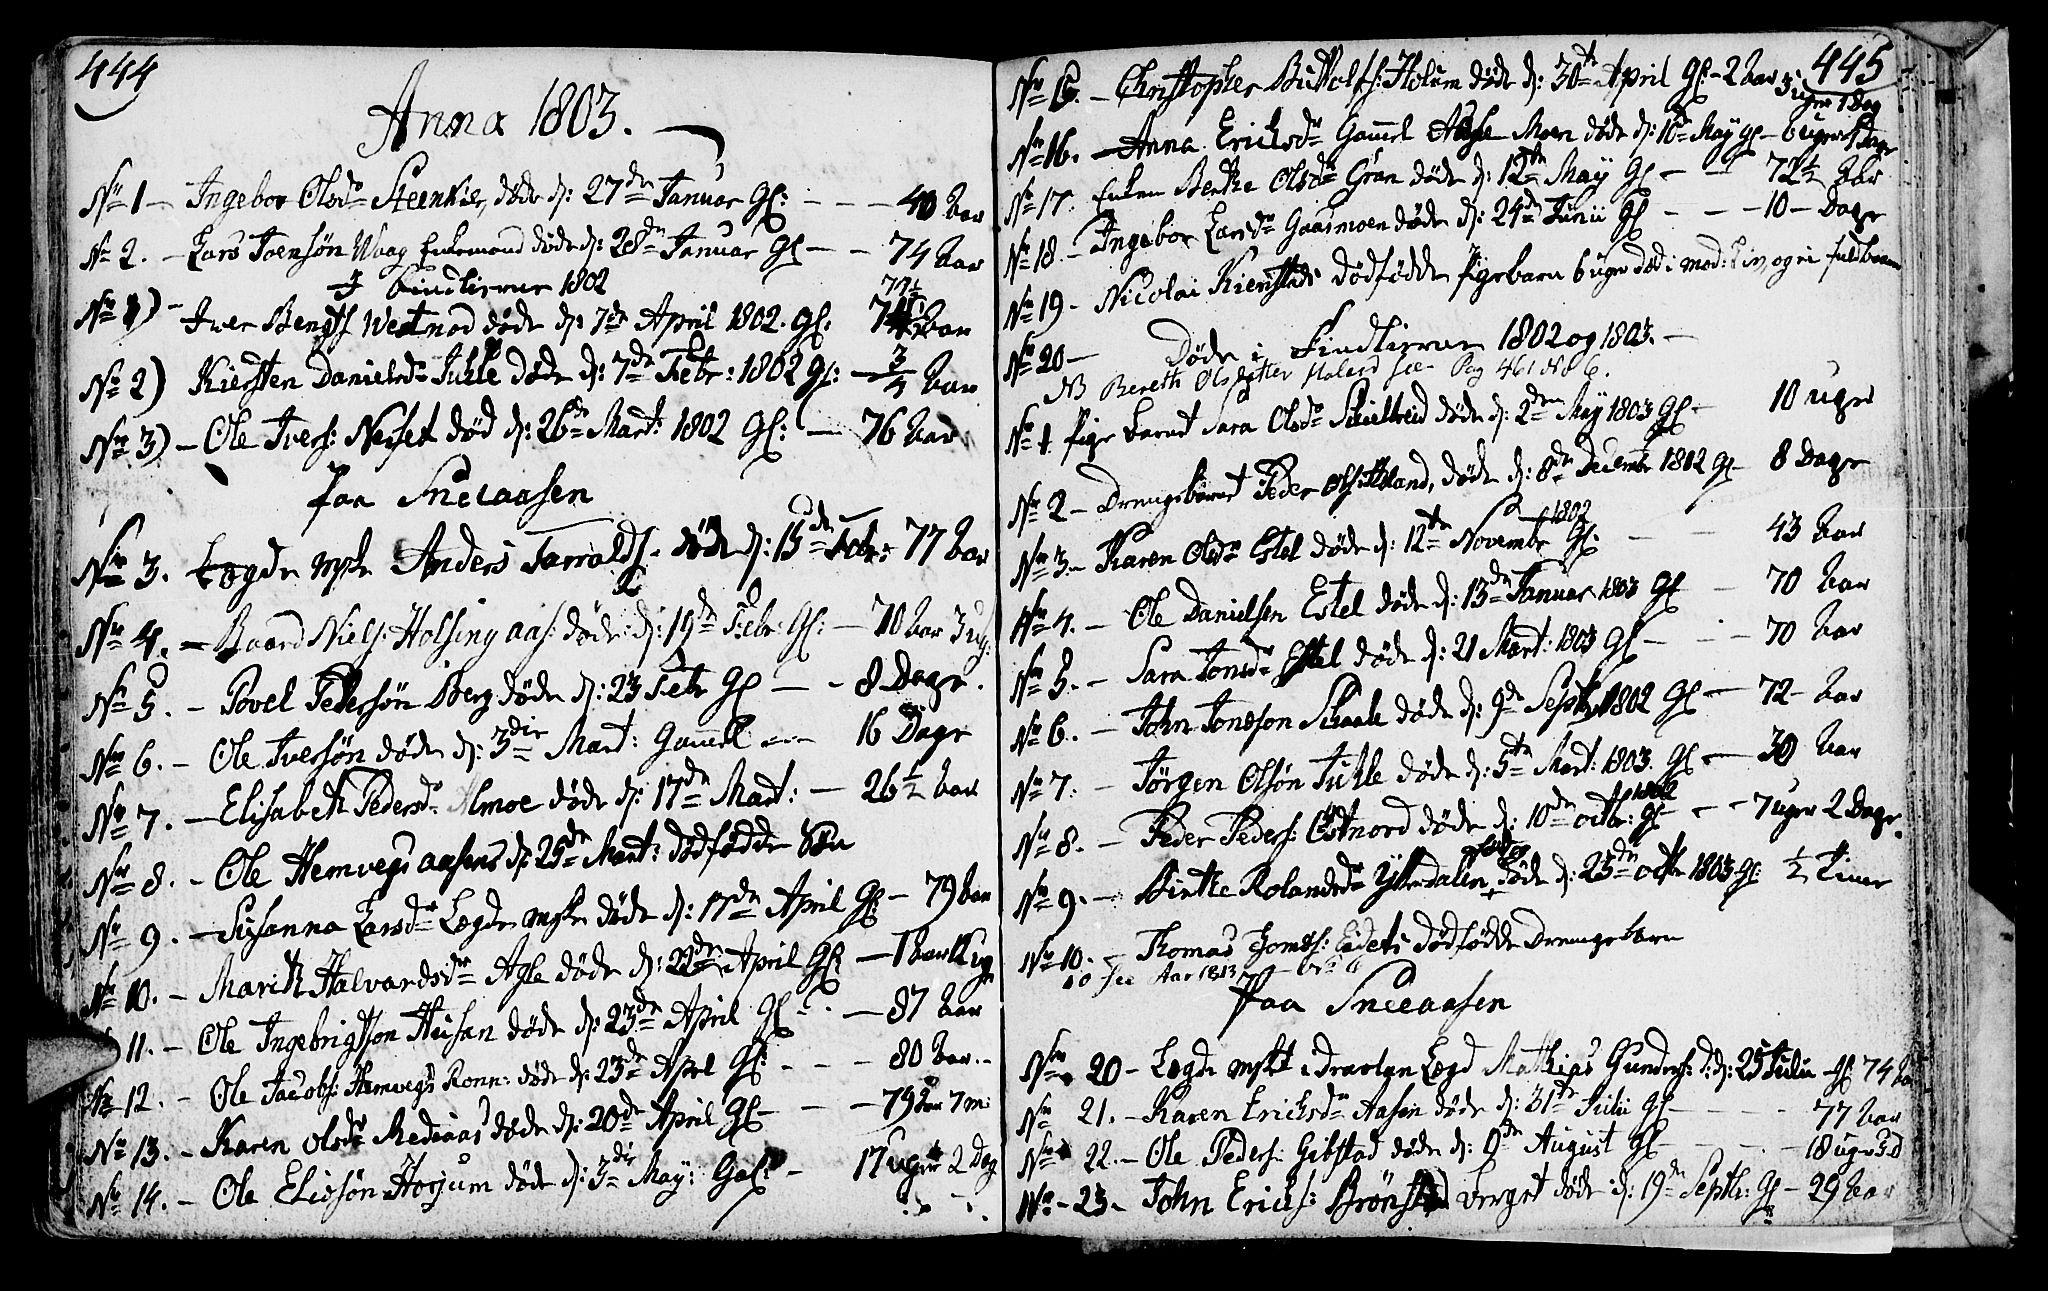 SAT, Ministerialprotokoller, klokkerbøker og fødselsregistre - Nord-Trøndelag, 749/L0468: Ministerialbok nr. 749A02, 1787-1817, s. 444-445